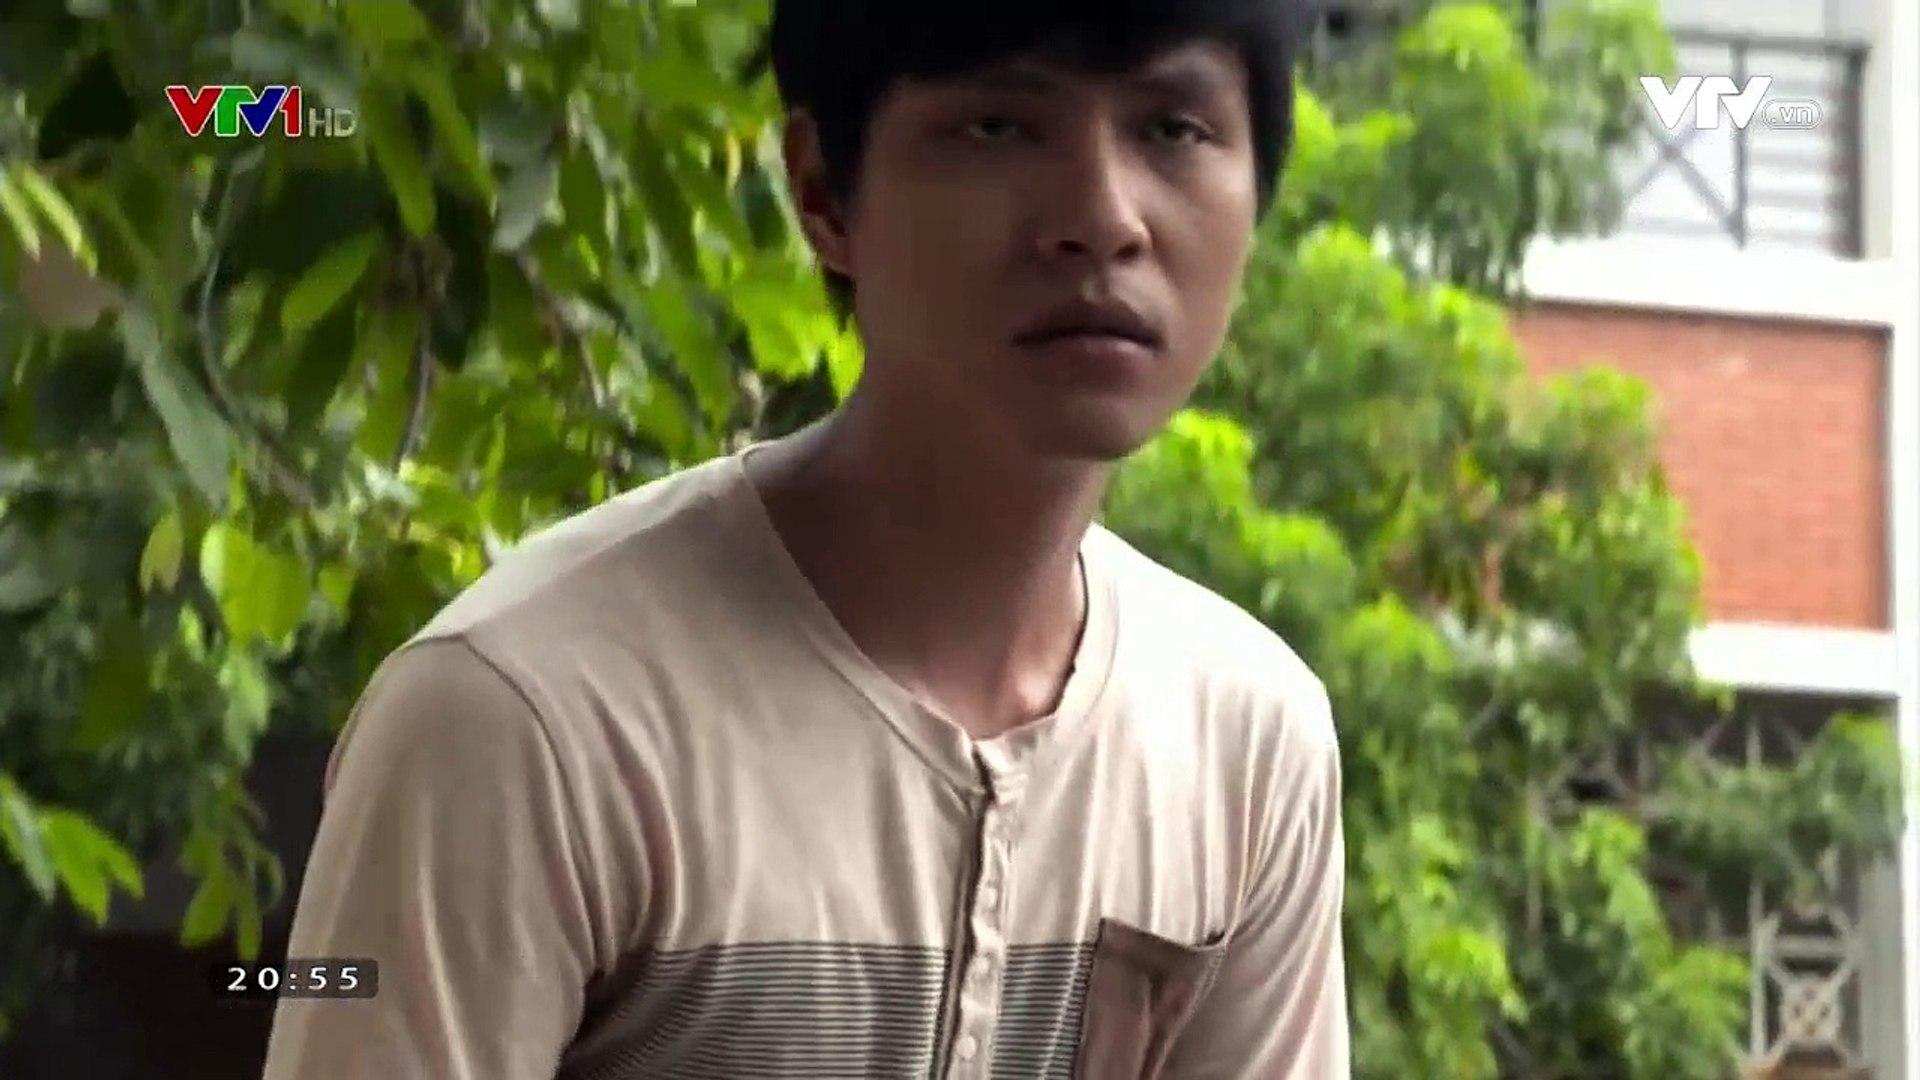 Hợp đồng hôn nhân Tập 29 Full VTV1 (tô dung, bảo thanh)-  Hop dong hon nhan Tap 29